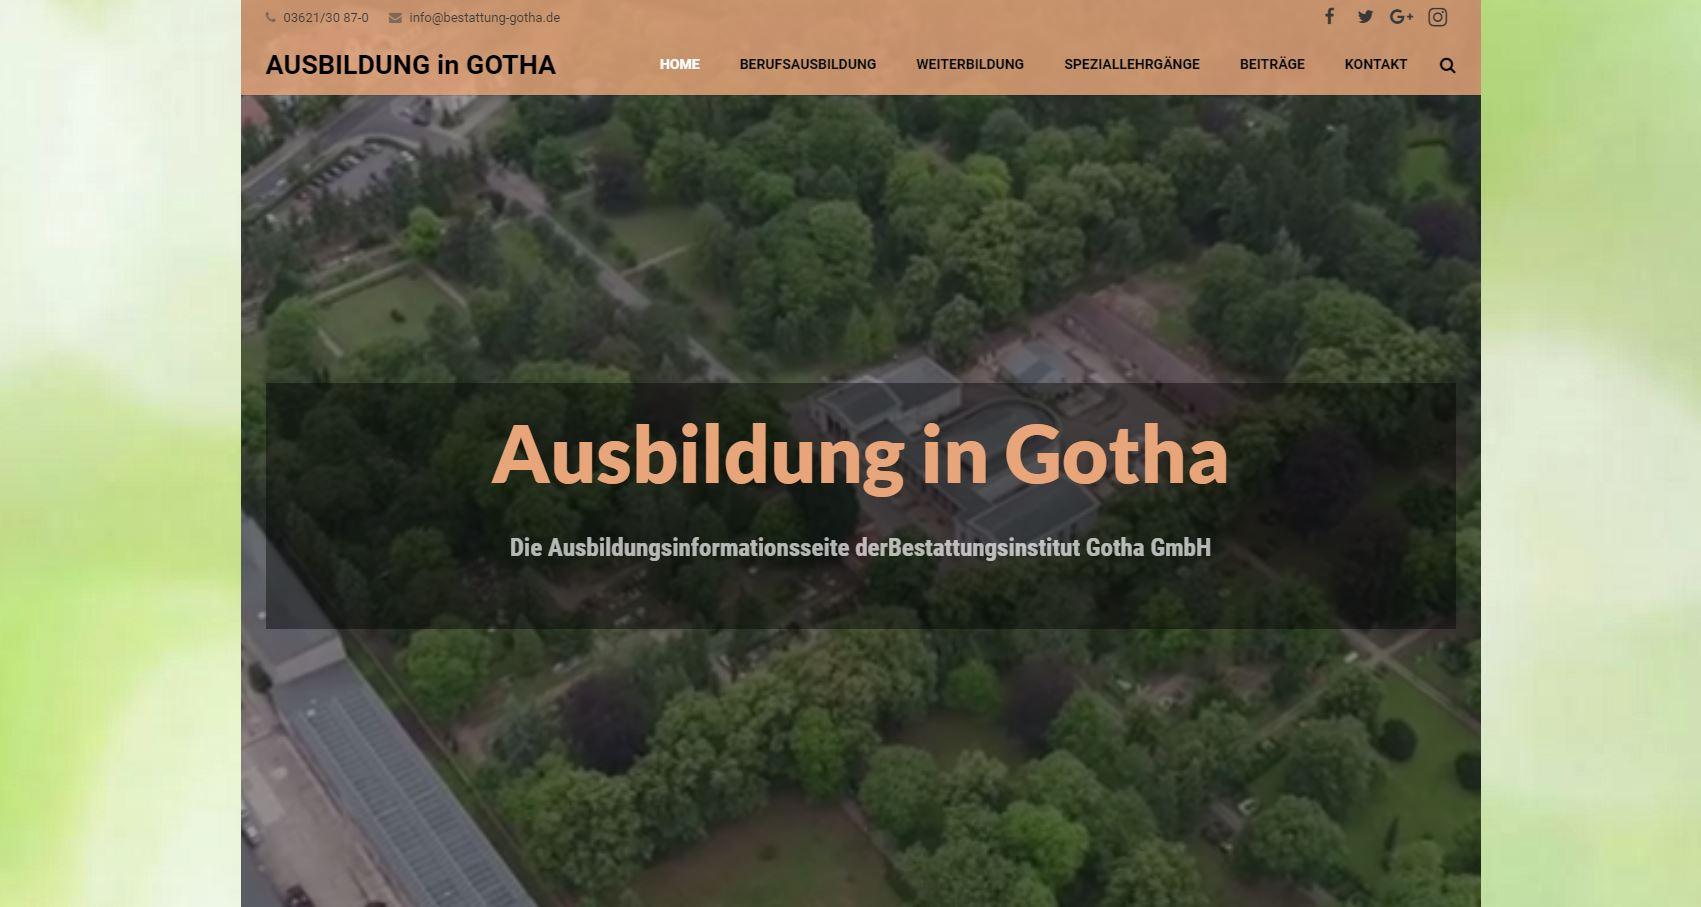 Ausbildung in Gotha